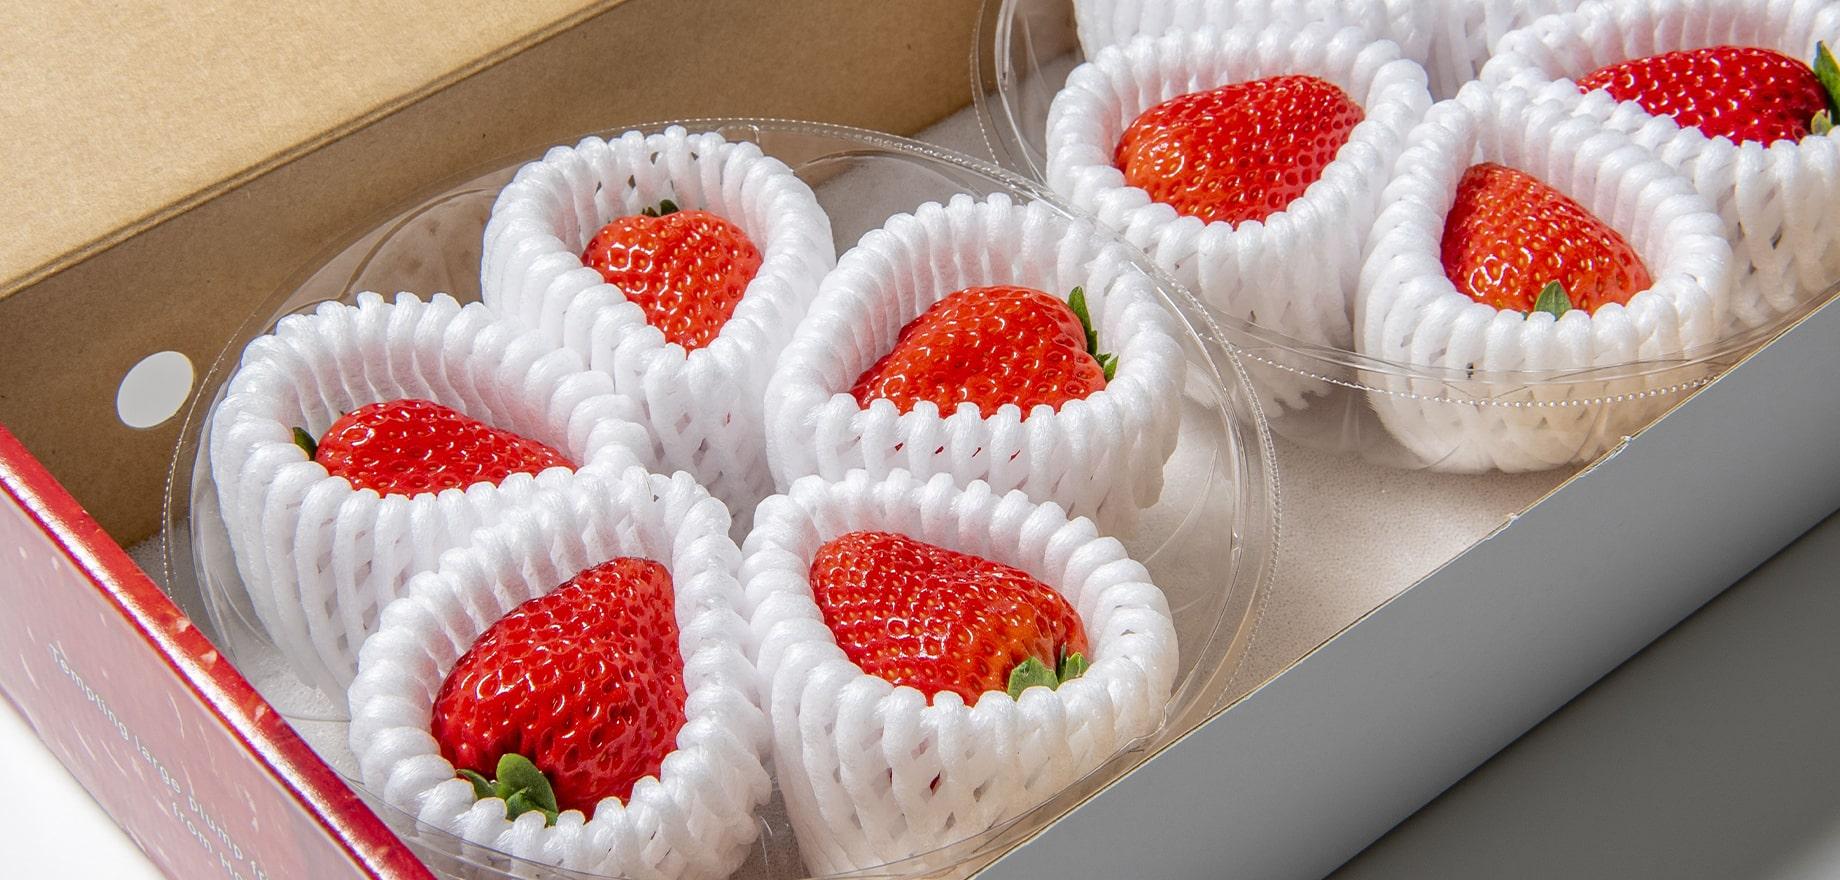 イチゴ事業